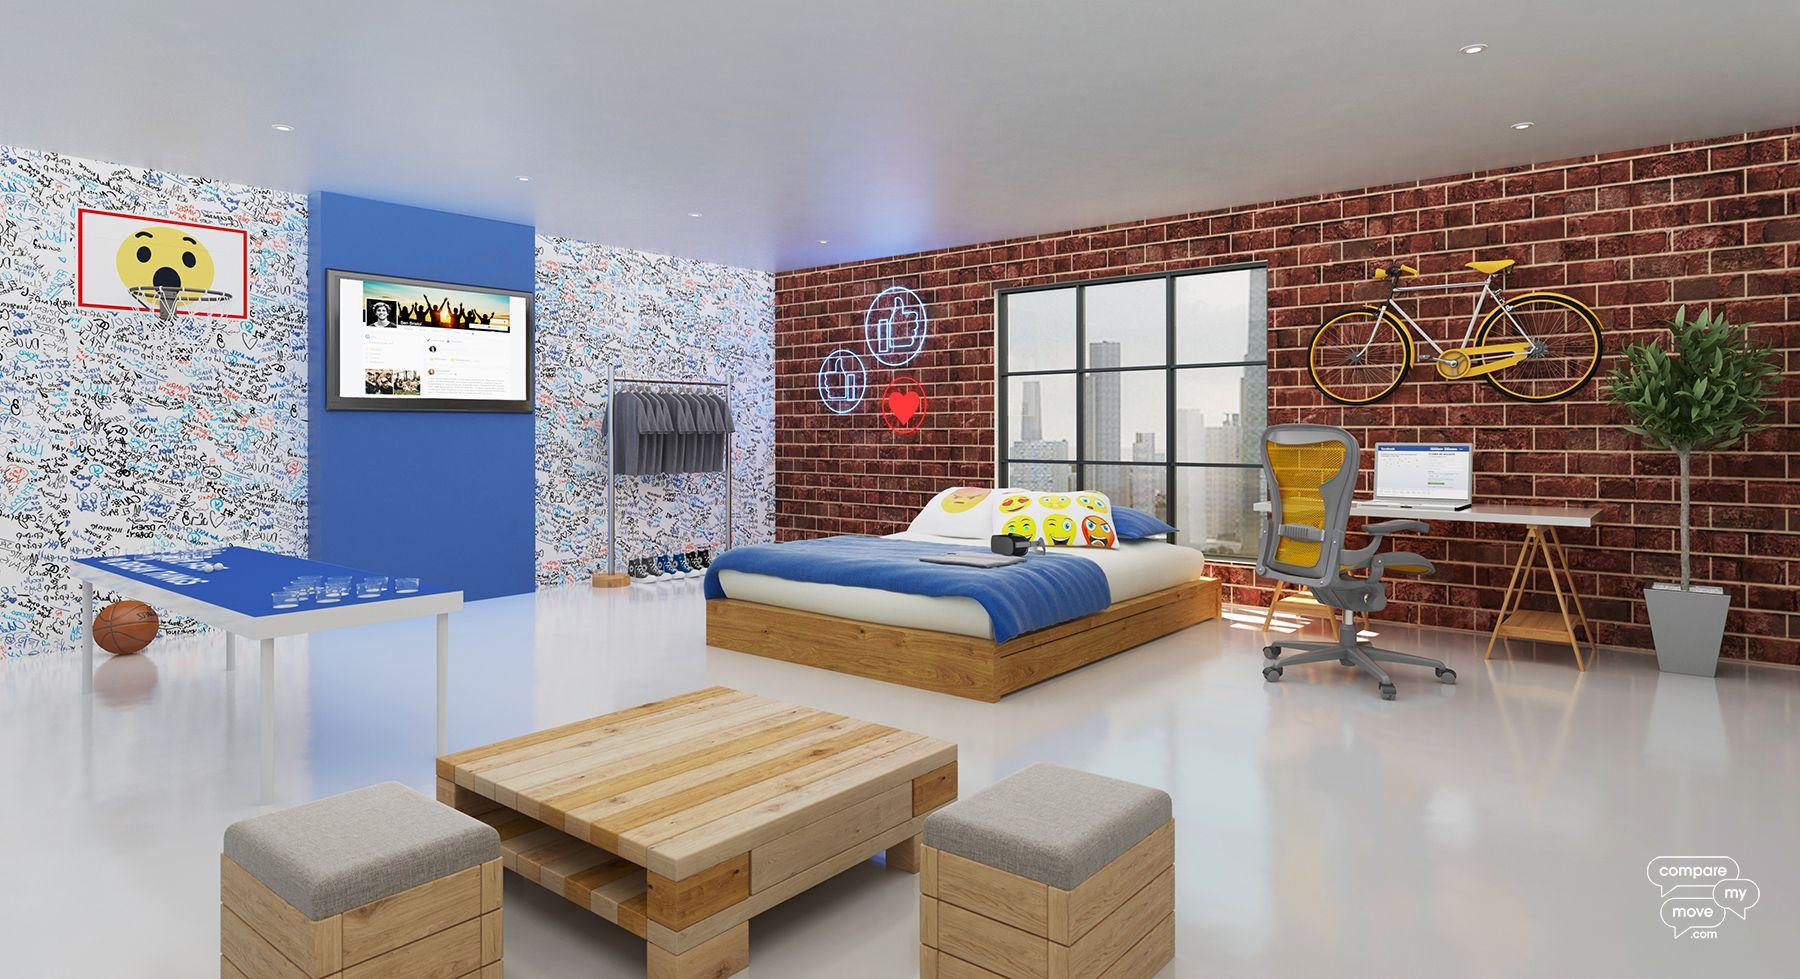 Facebook bedroom design